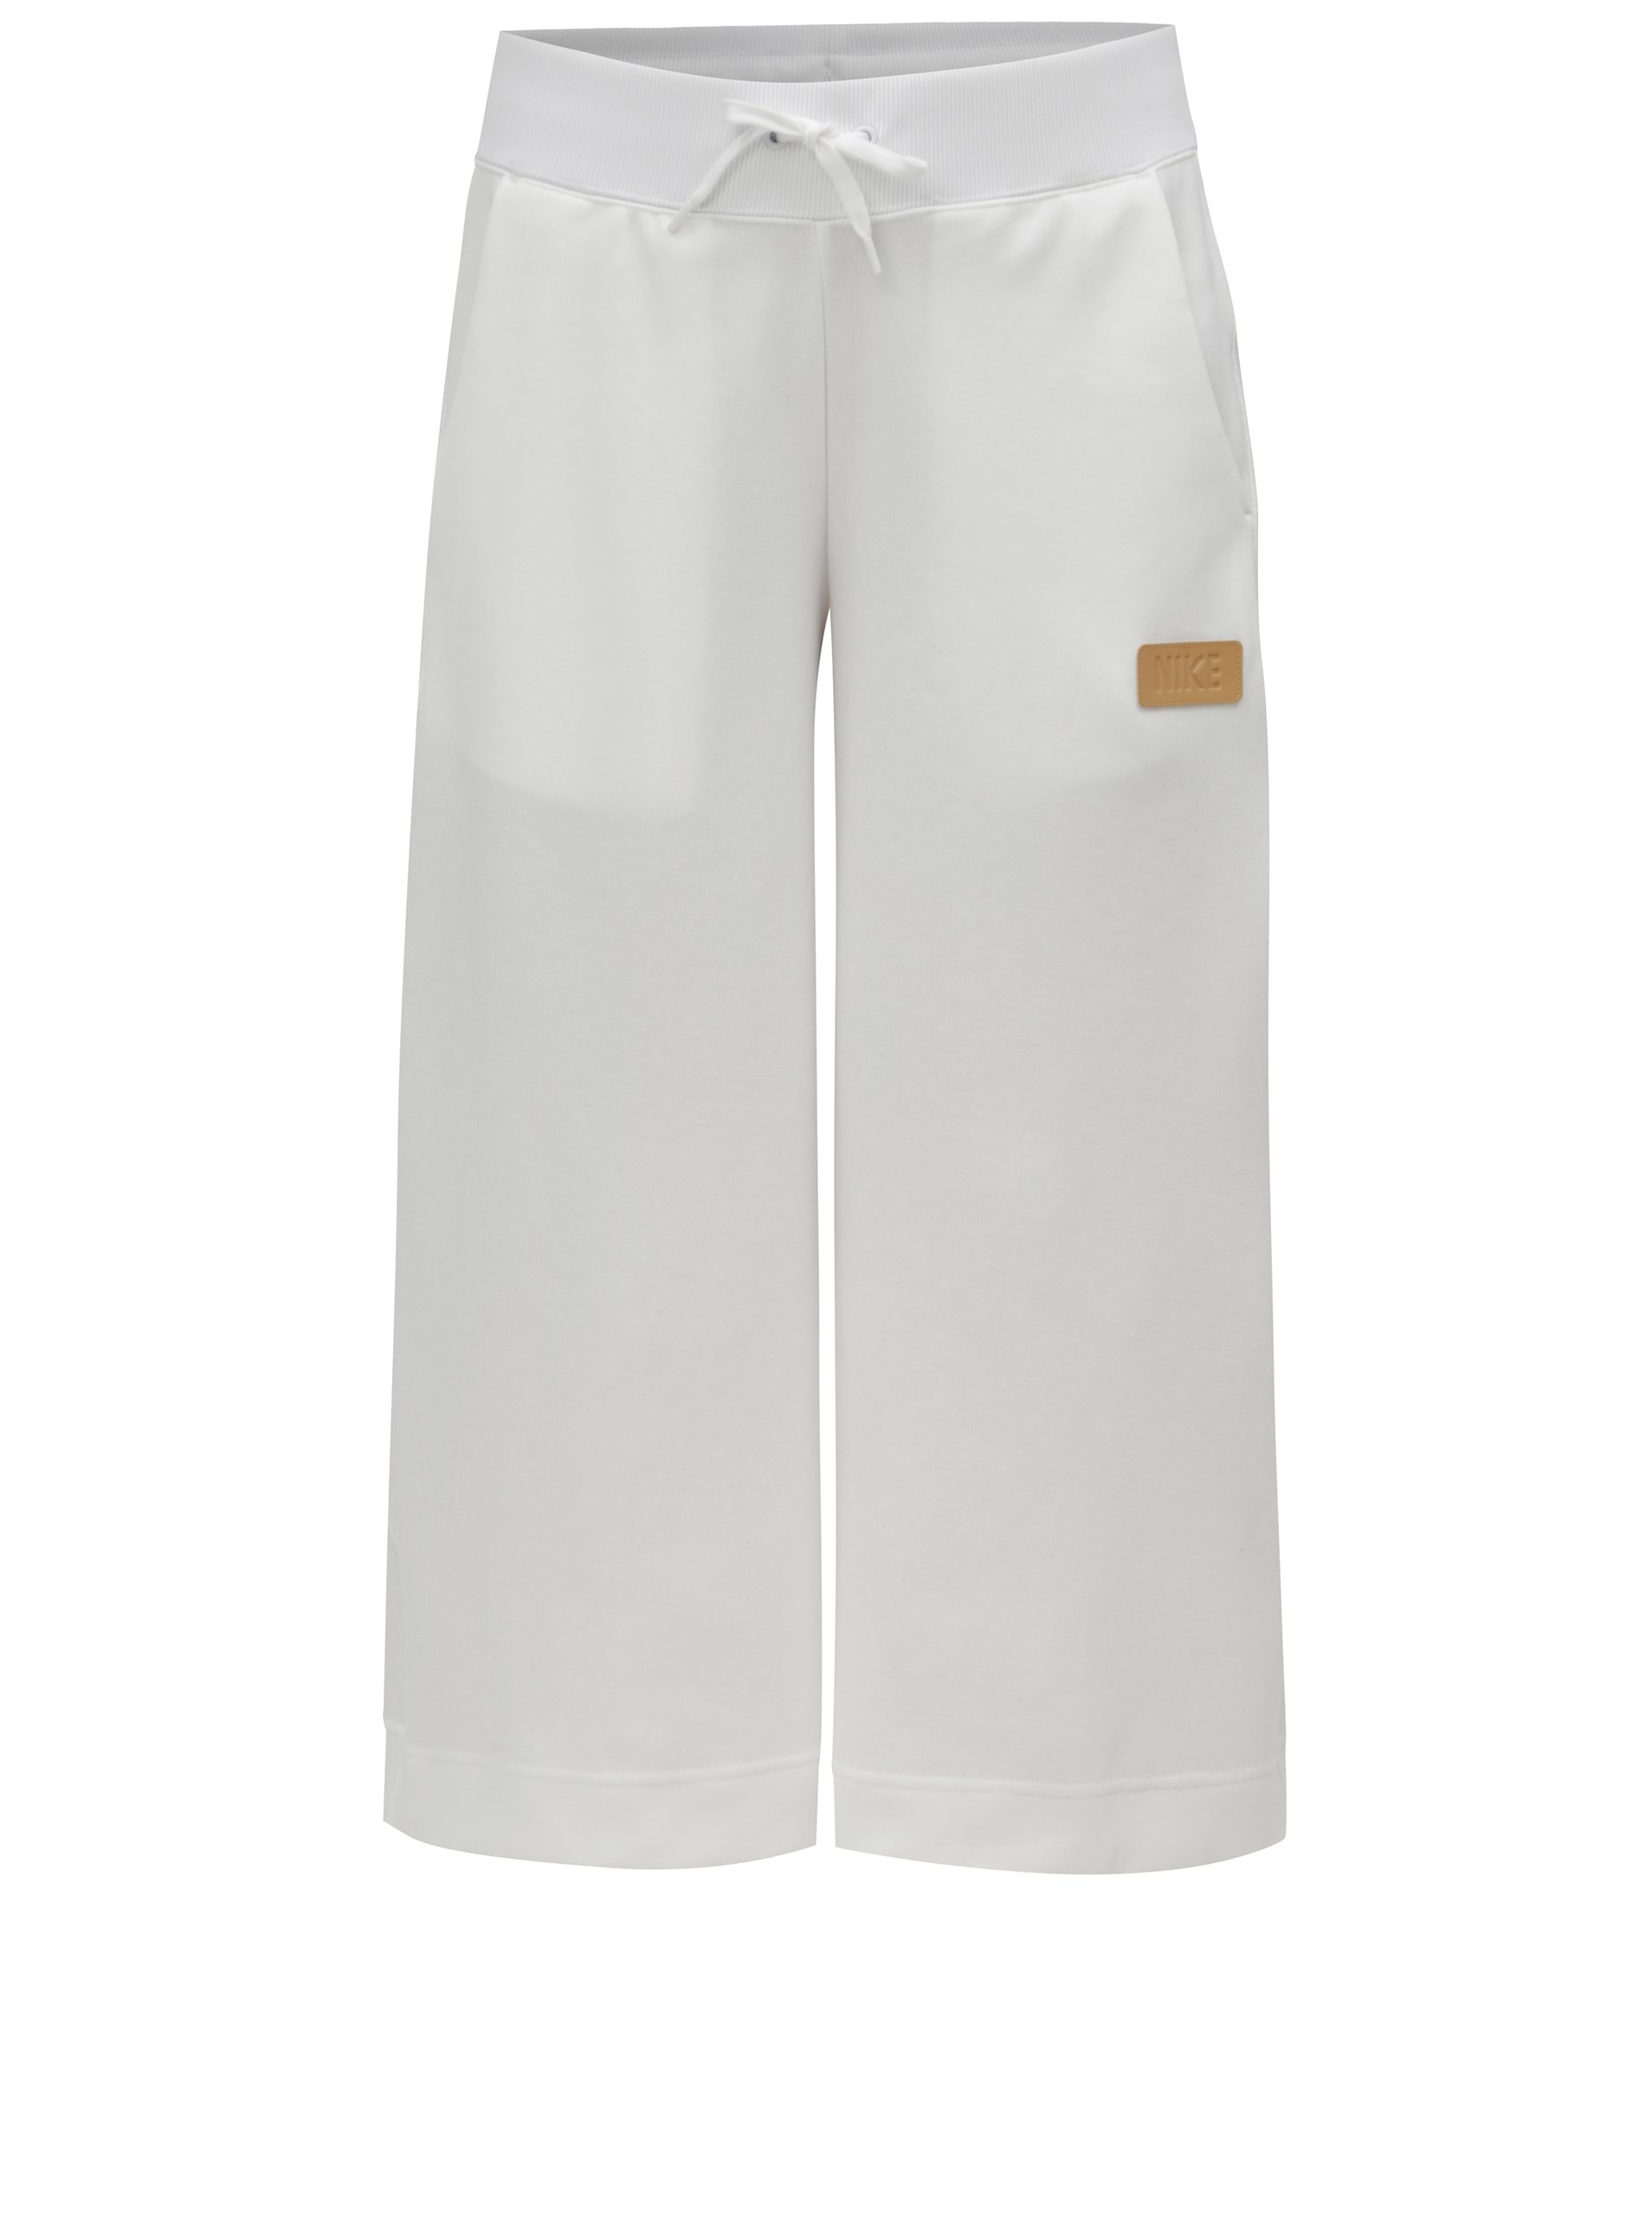 9dd8a995f785 Biela dámske culottes Nike